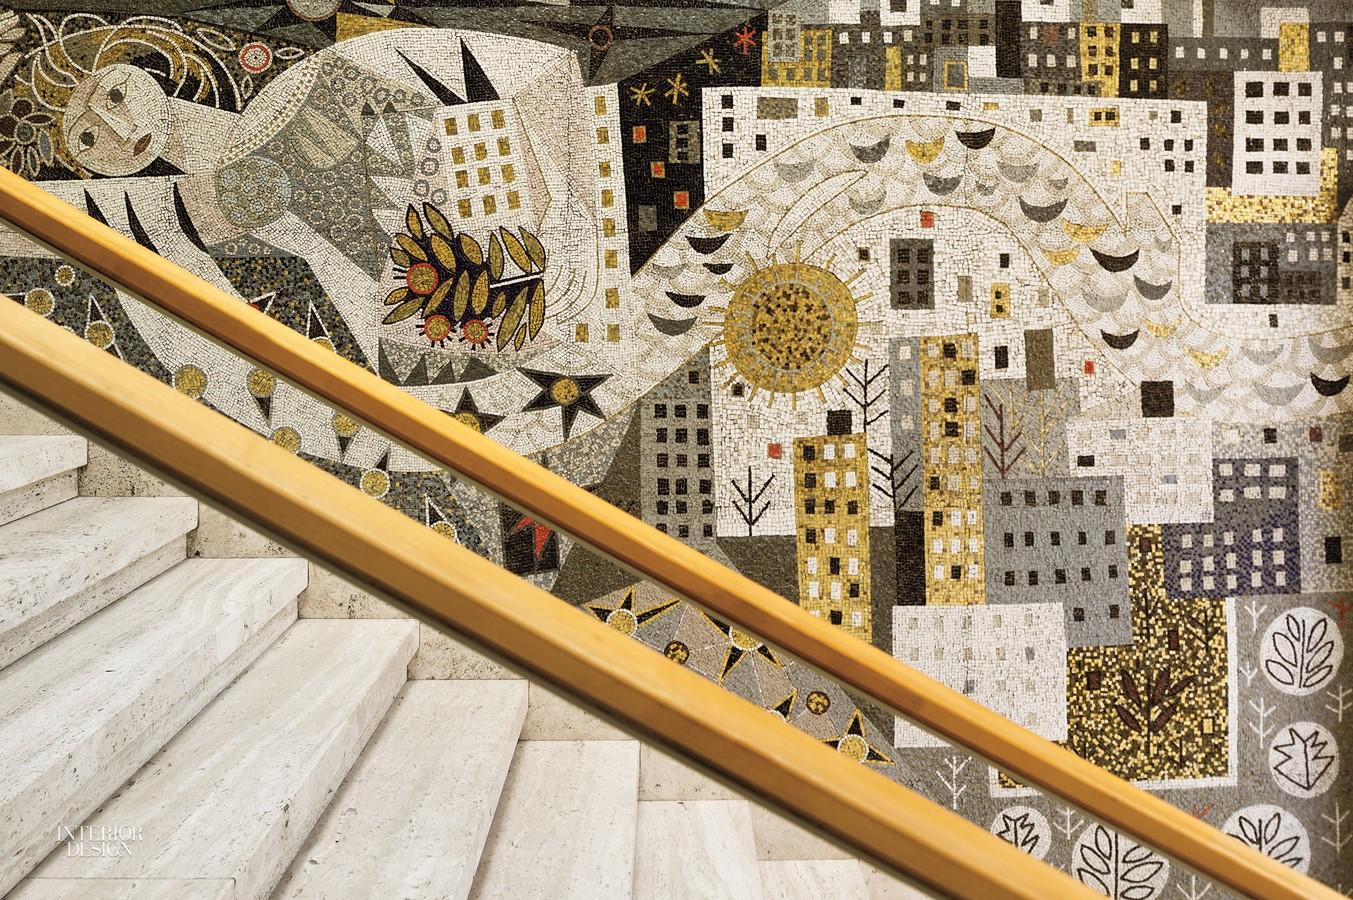 De Bank / KAAN Architecten, Rotterdam - Sheet1